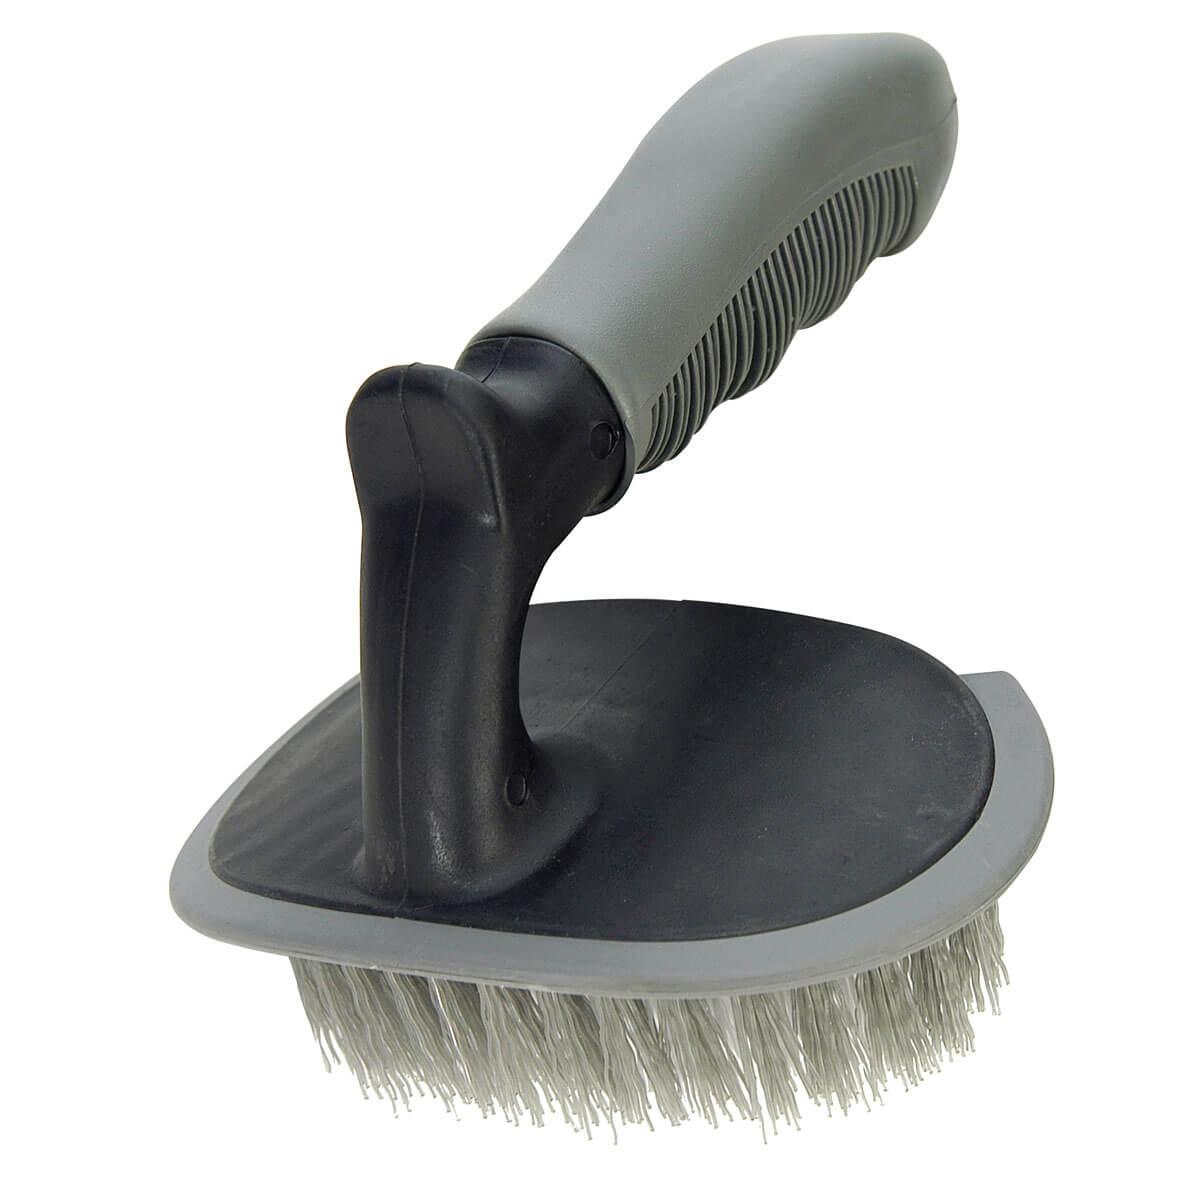 Carrand Contour Tire Brush